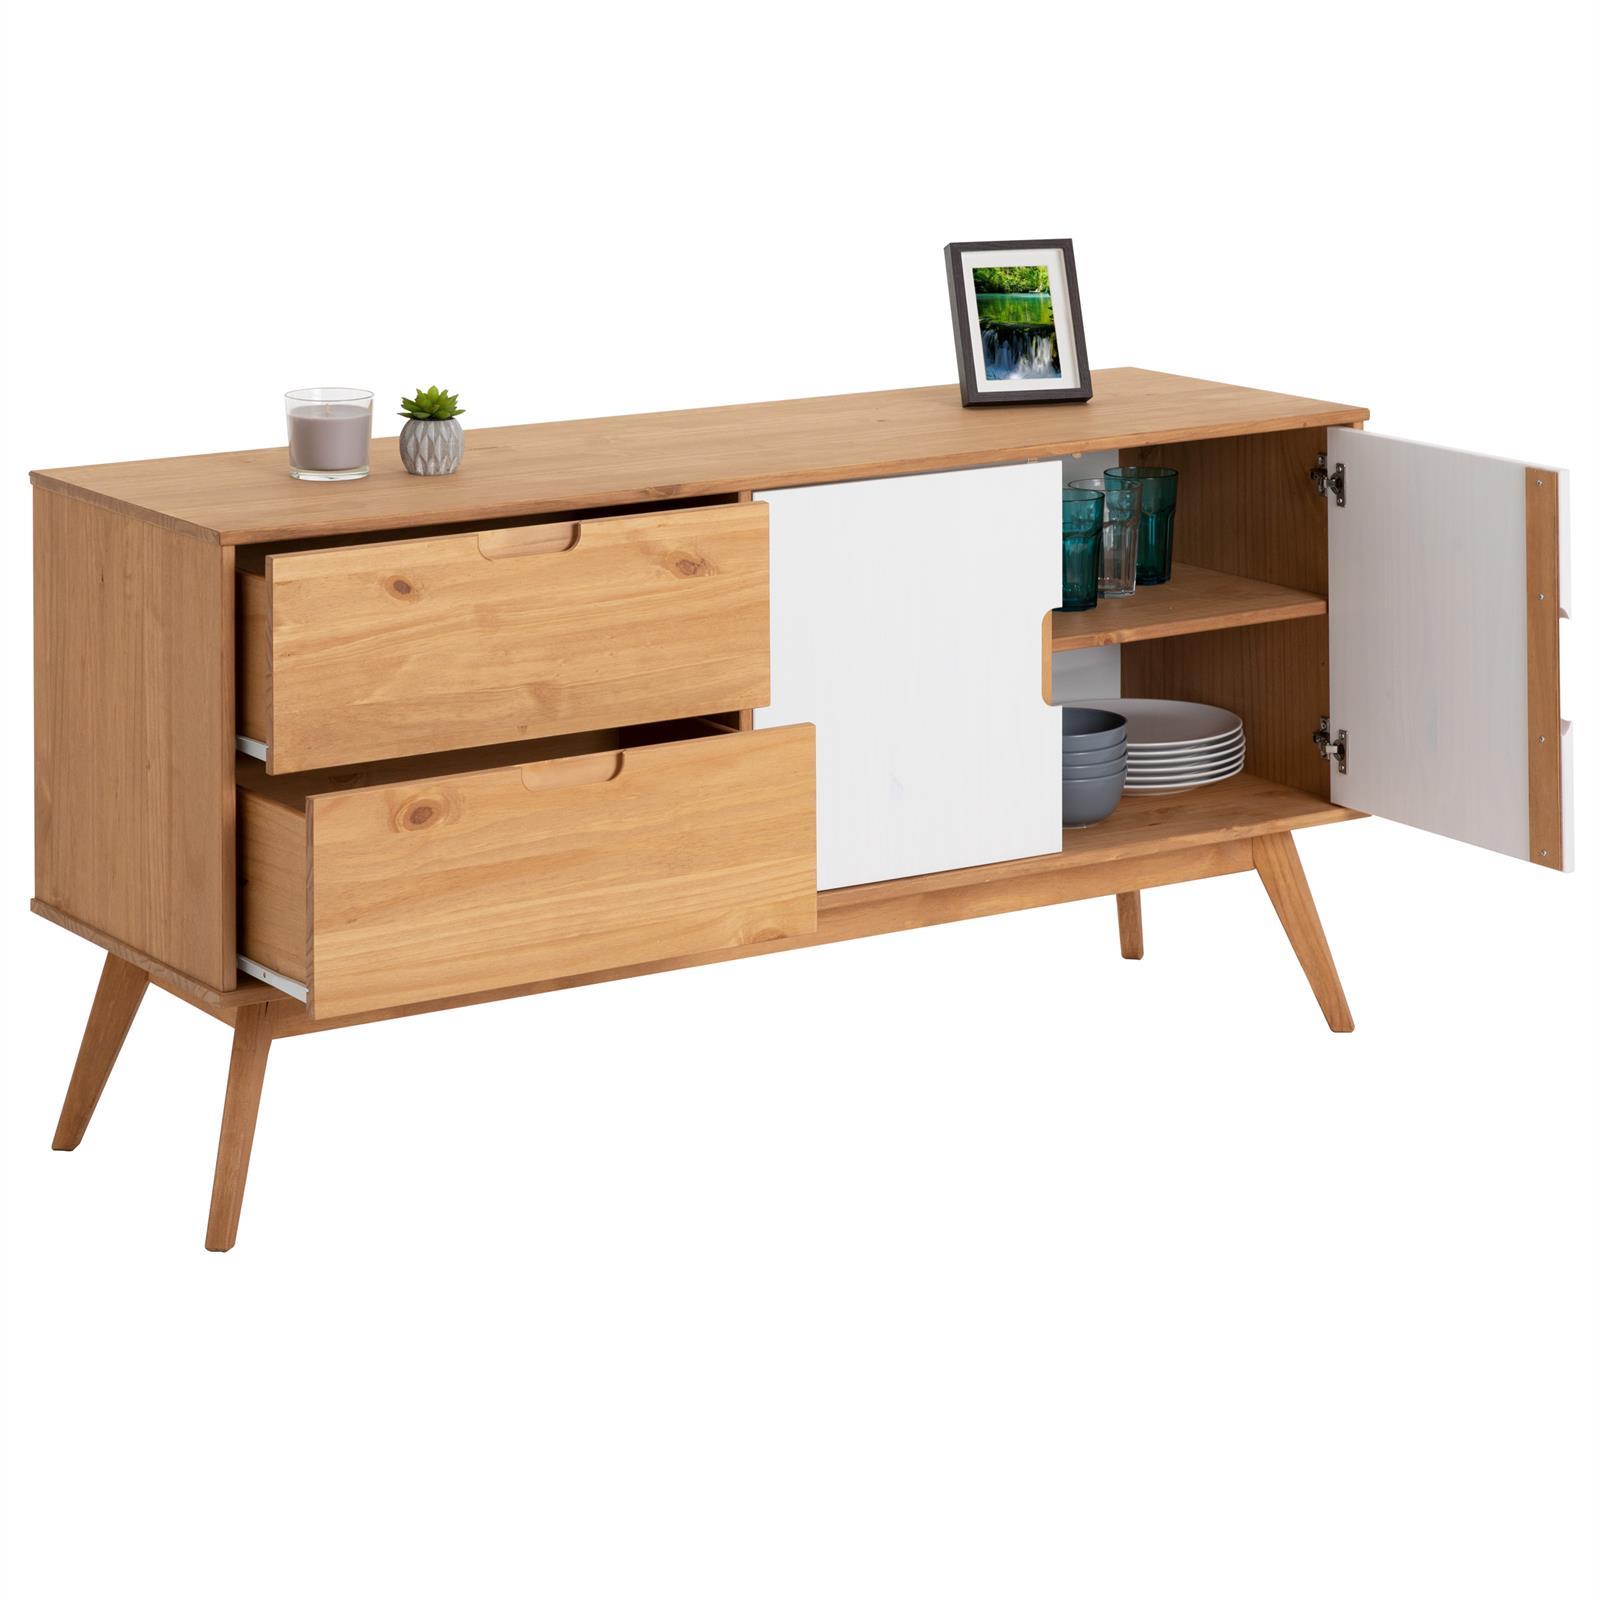 Sideboard Skandinavisches Design. Wohnzimmer Sideboard